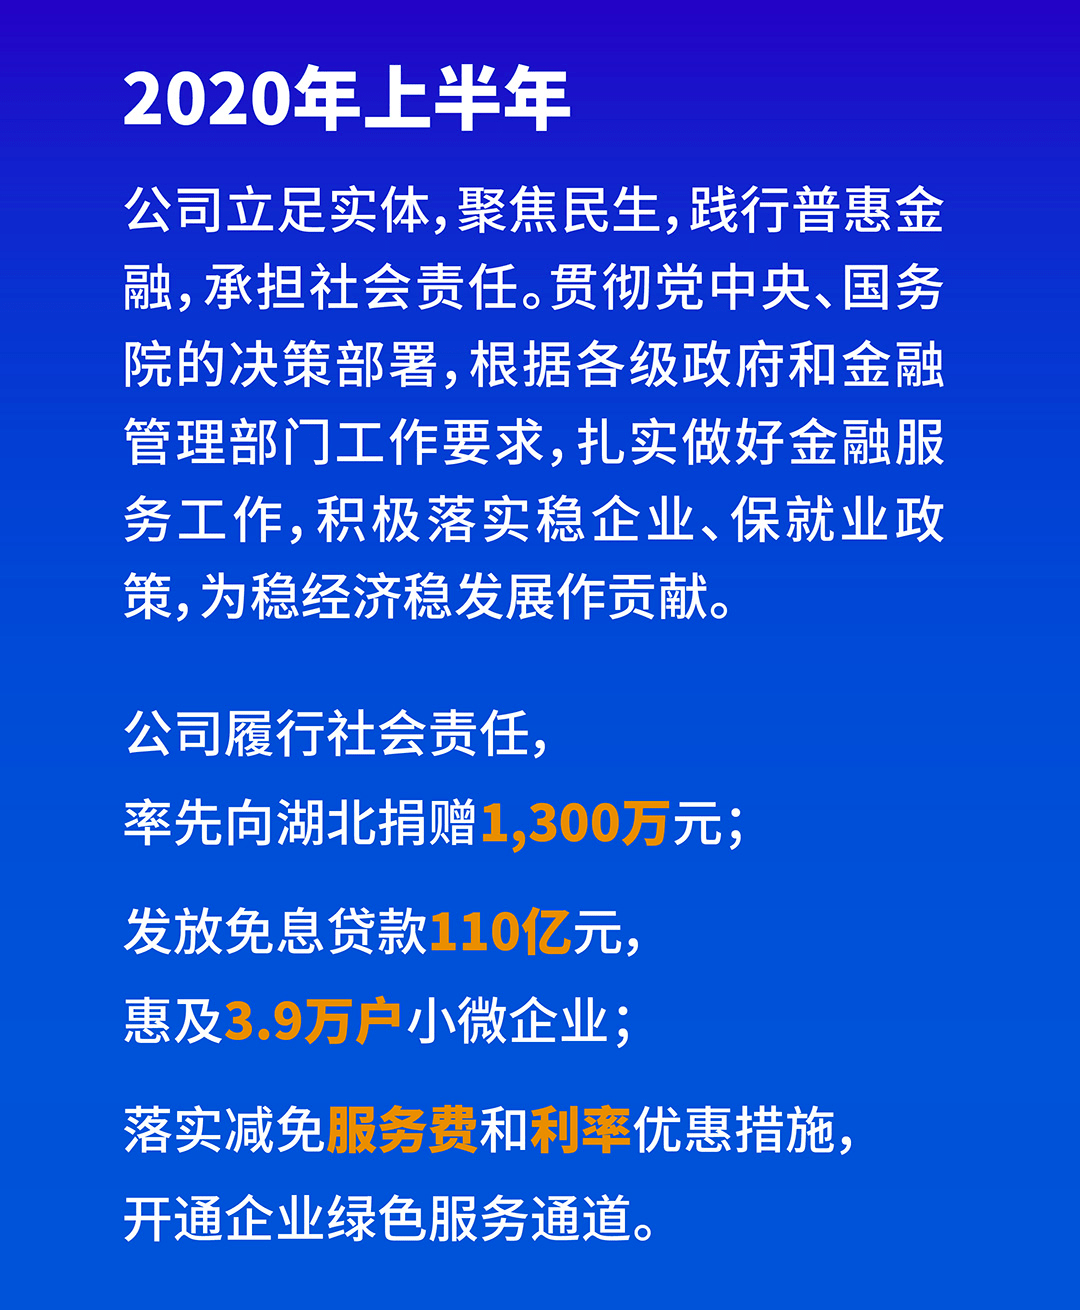 困难是优秀企业的试金石,宁波银行的经营韧性!